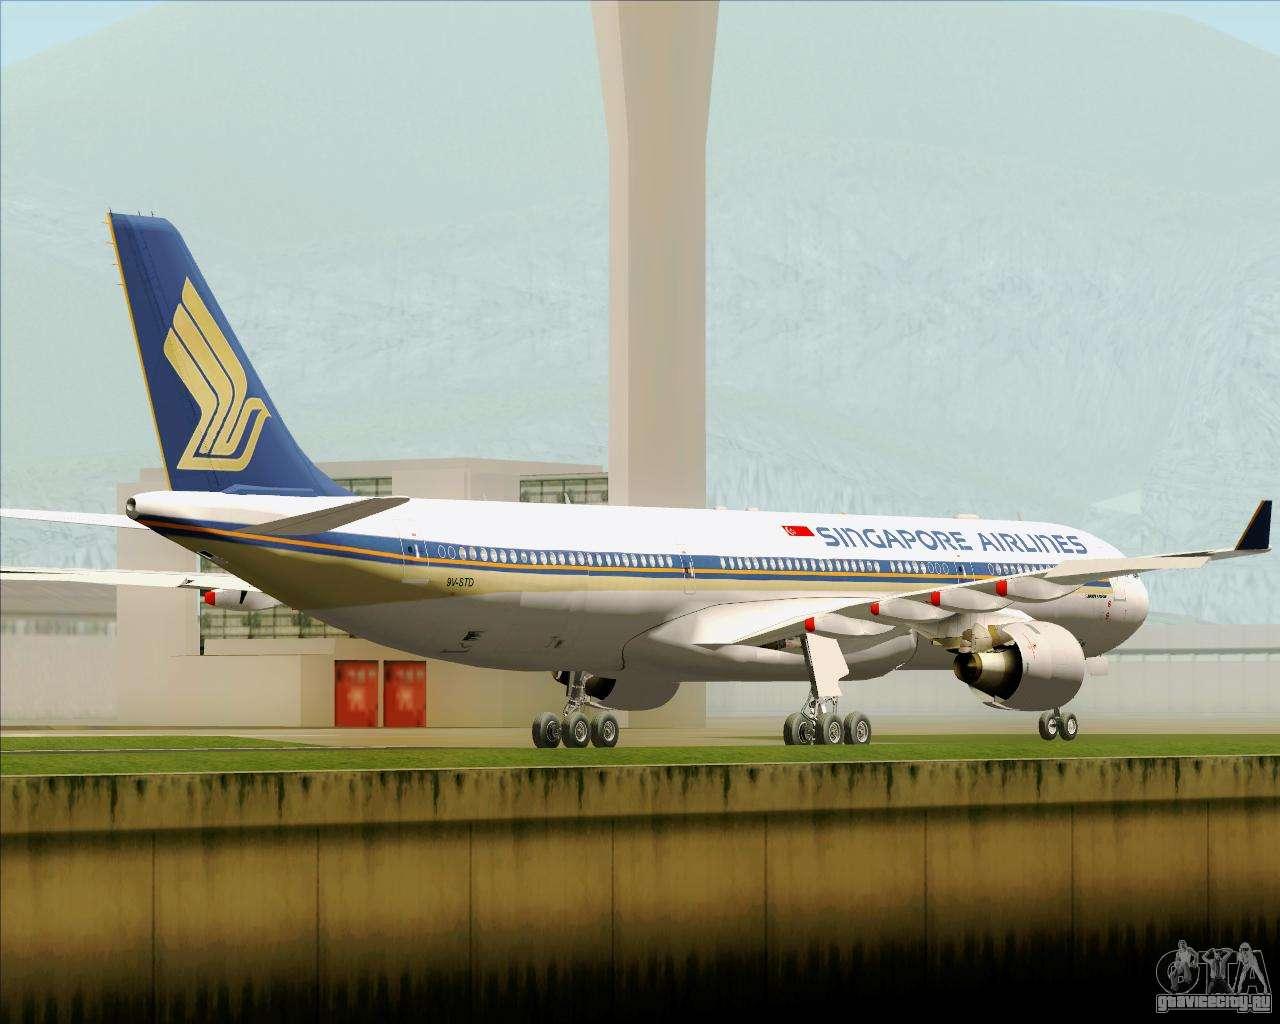 Обои авиалайнер, Singapore airlines, airbus, Самолёт, 300. Авиация foto 14